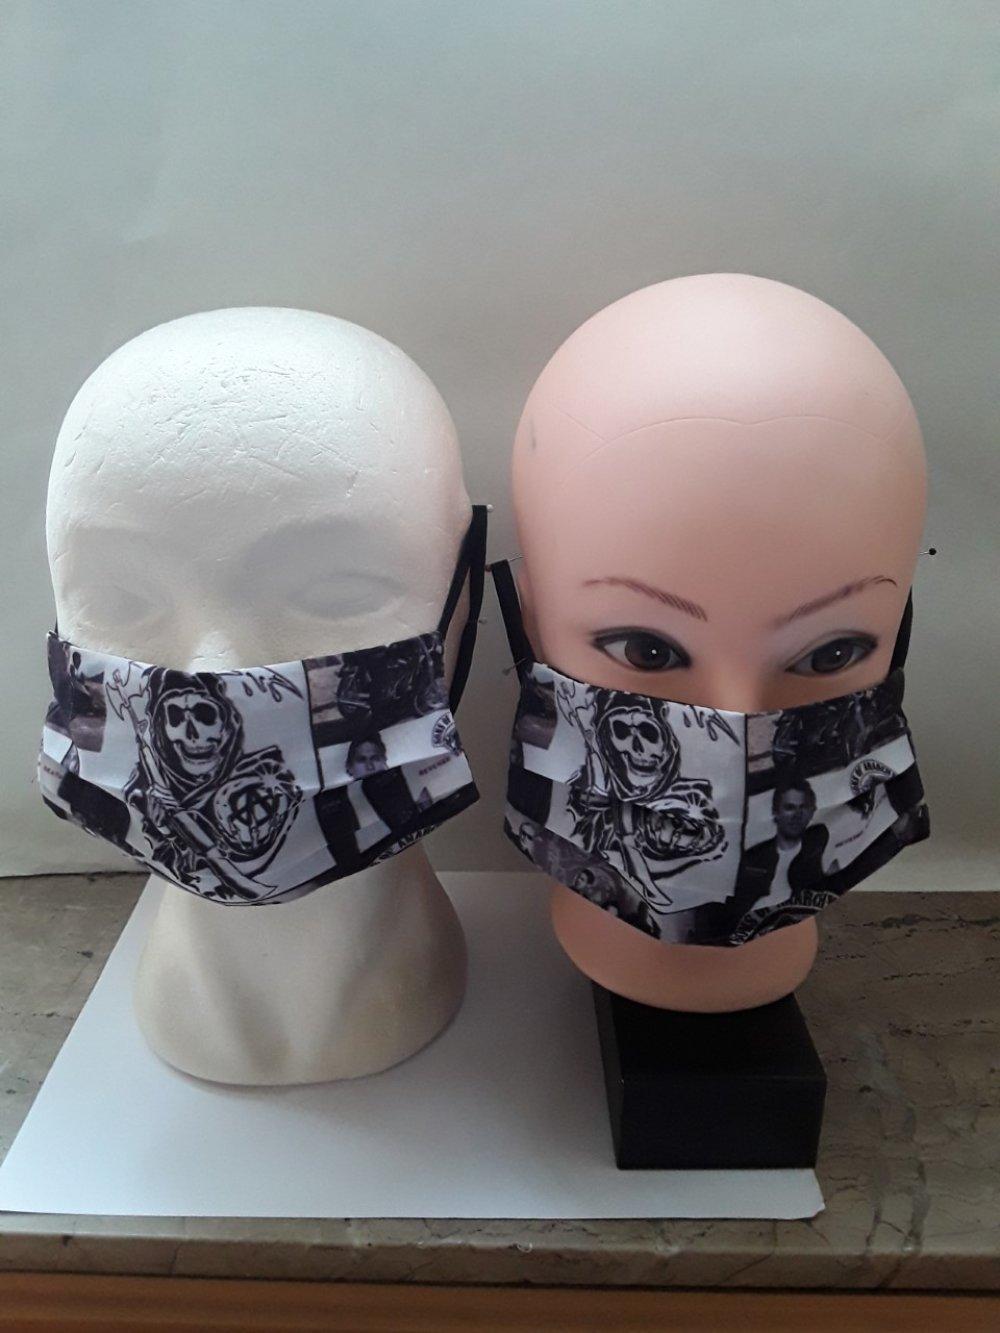 Masque de protection, coton, sons of anarchy, visage, faciale,, filtrant, poche, , réutilisable, coton, lavable 40 degrés, lot 2 masques